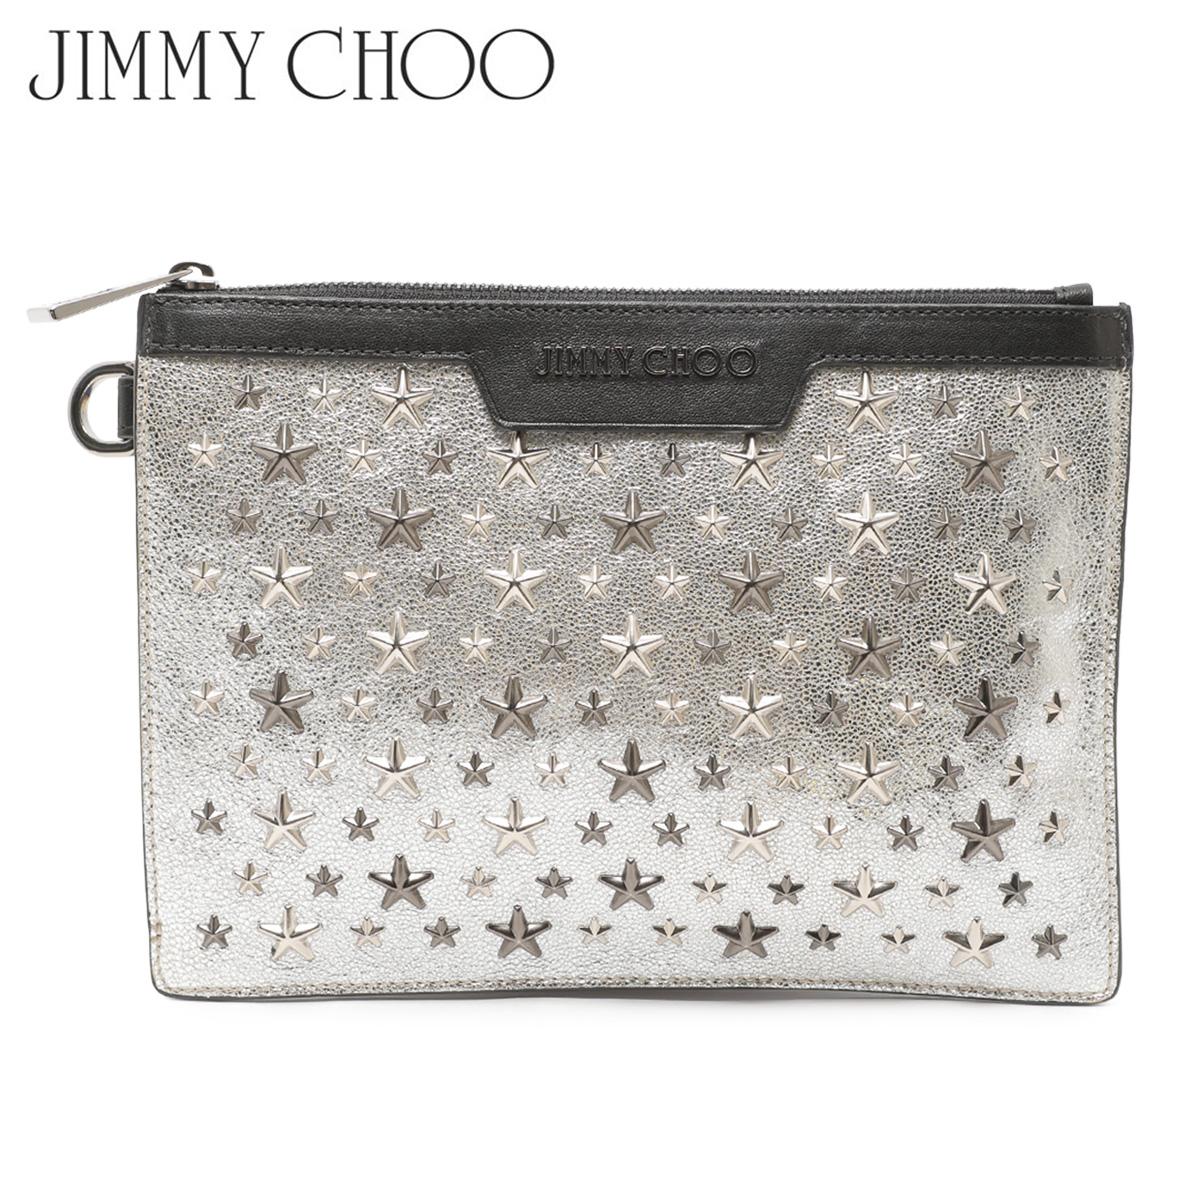 【訳あり】 JIMMY CHOO CLUTCH BAG ジミーチュウ バッグ クラッチバッグ レディース シルバー 16597-12 【返品不可】